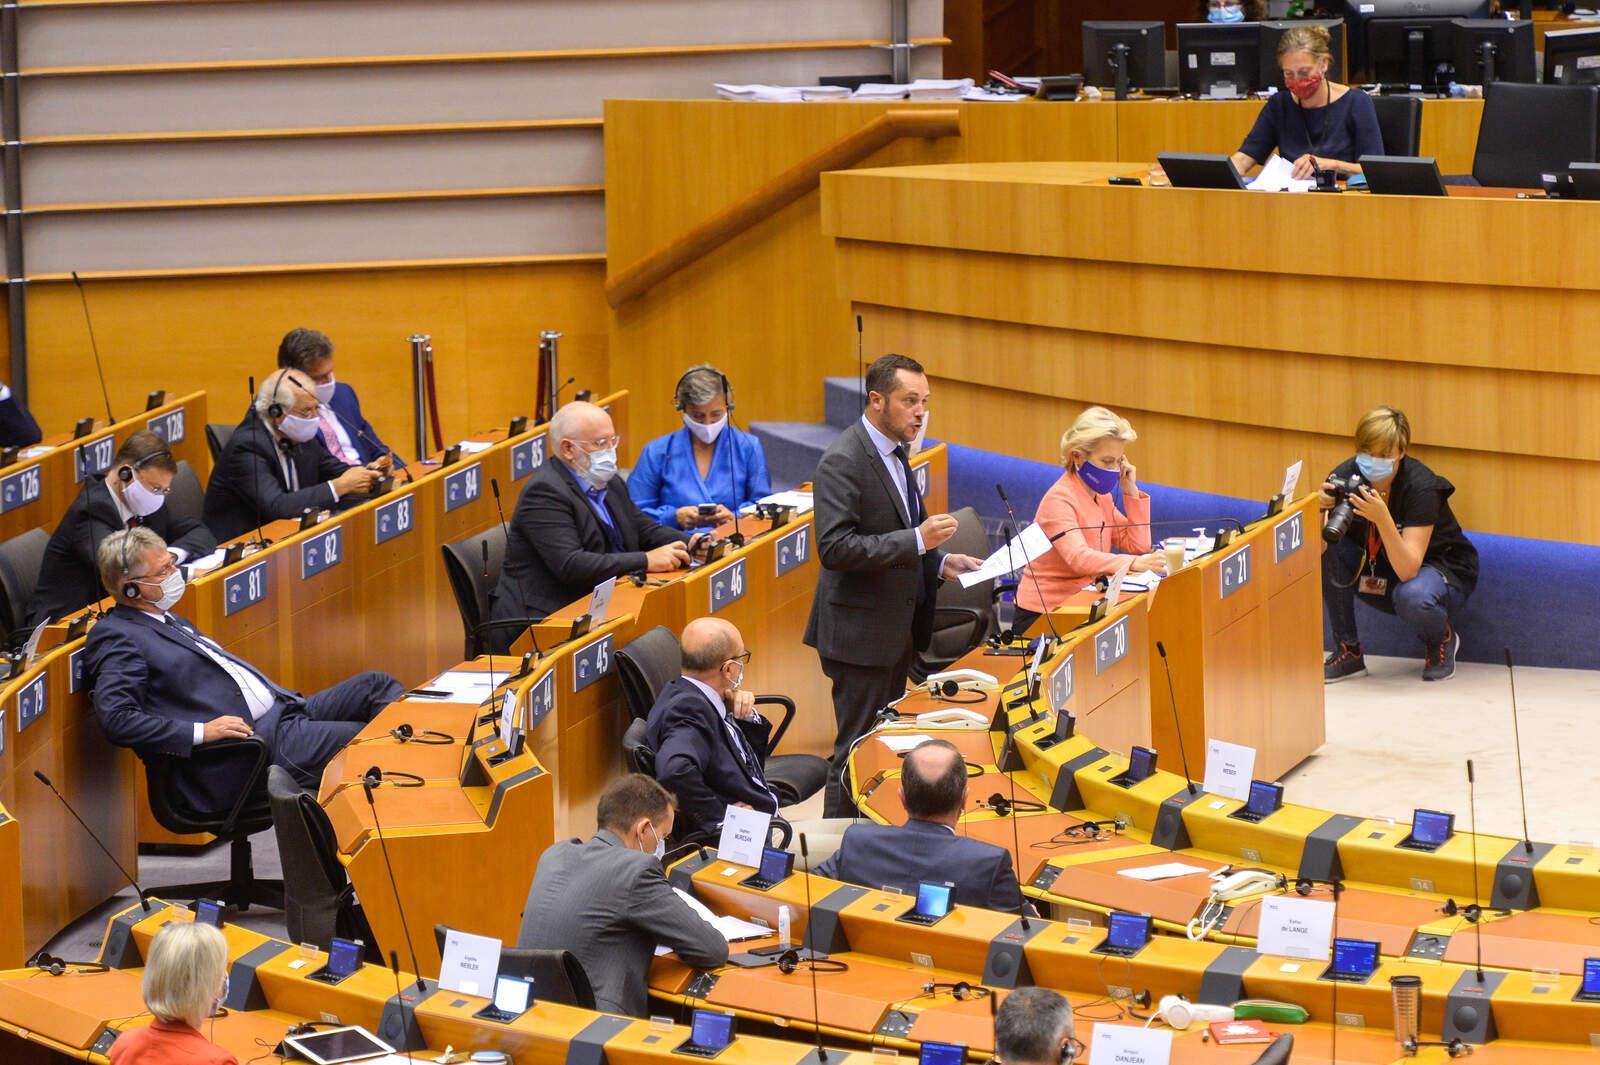 La presidenta de la Comissió Europea, Ursula von der Leyen ha fet el discurs sobre l'estat de la UE a l'eurocambra